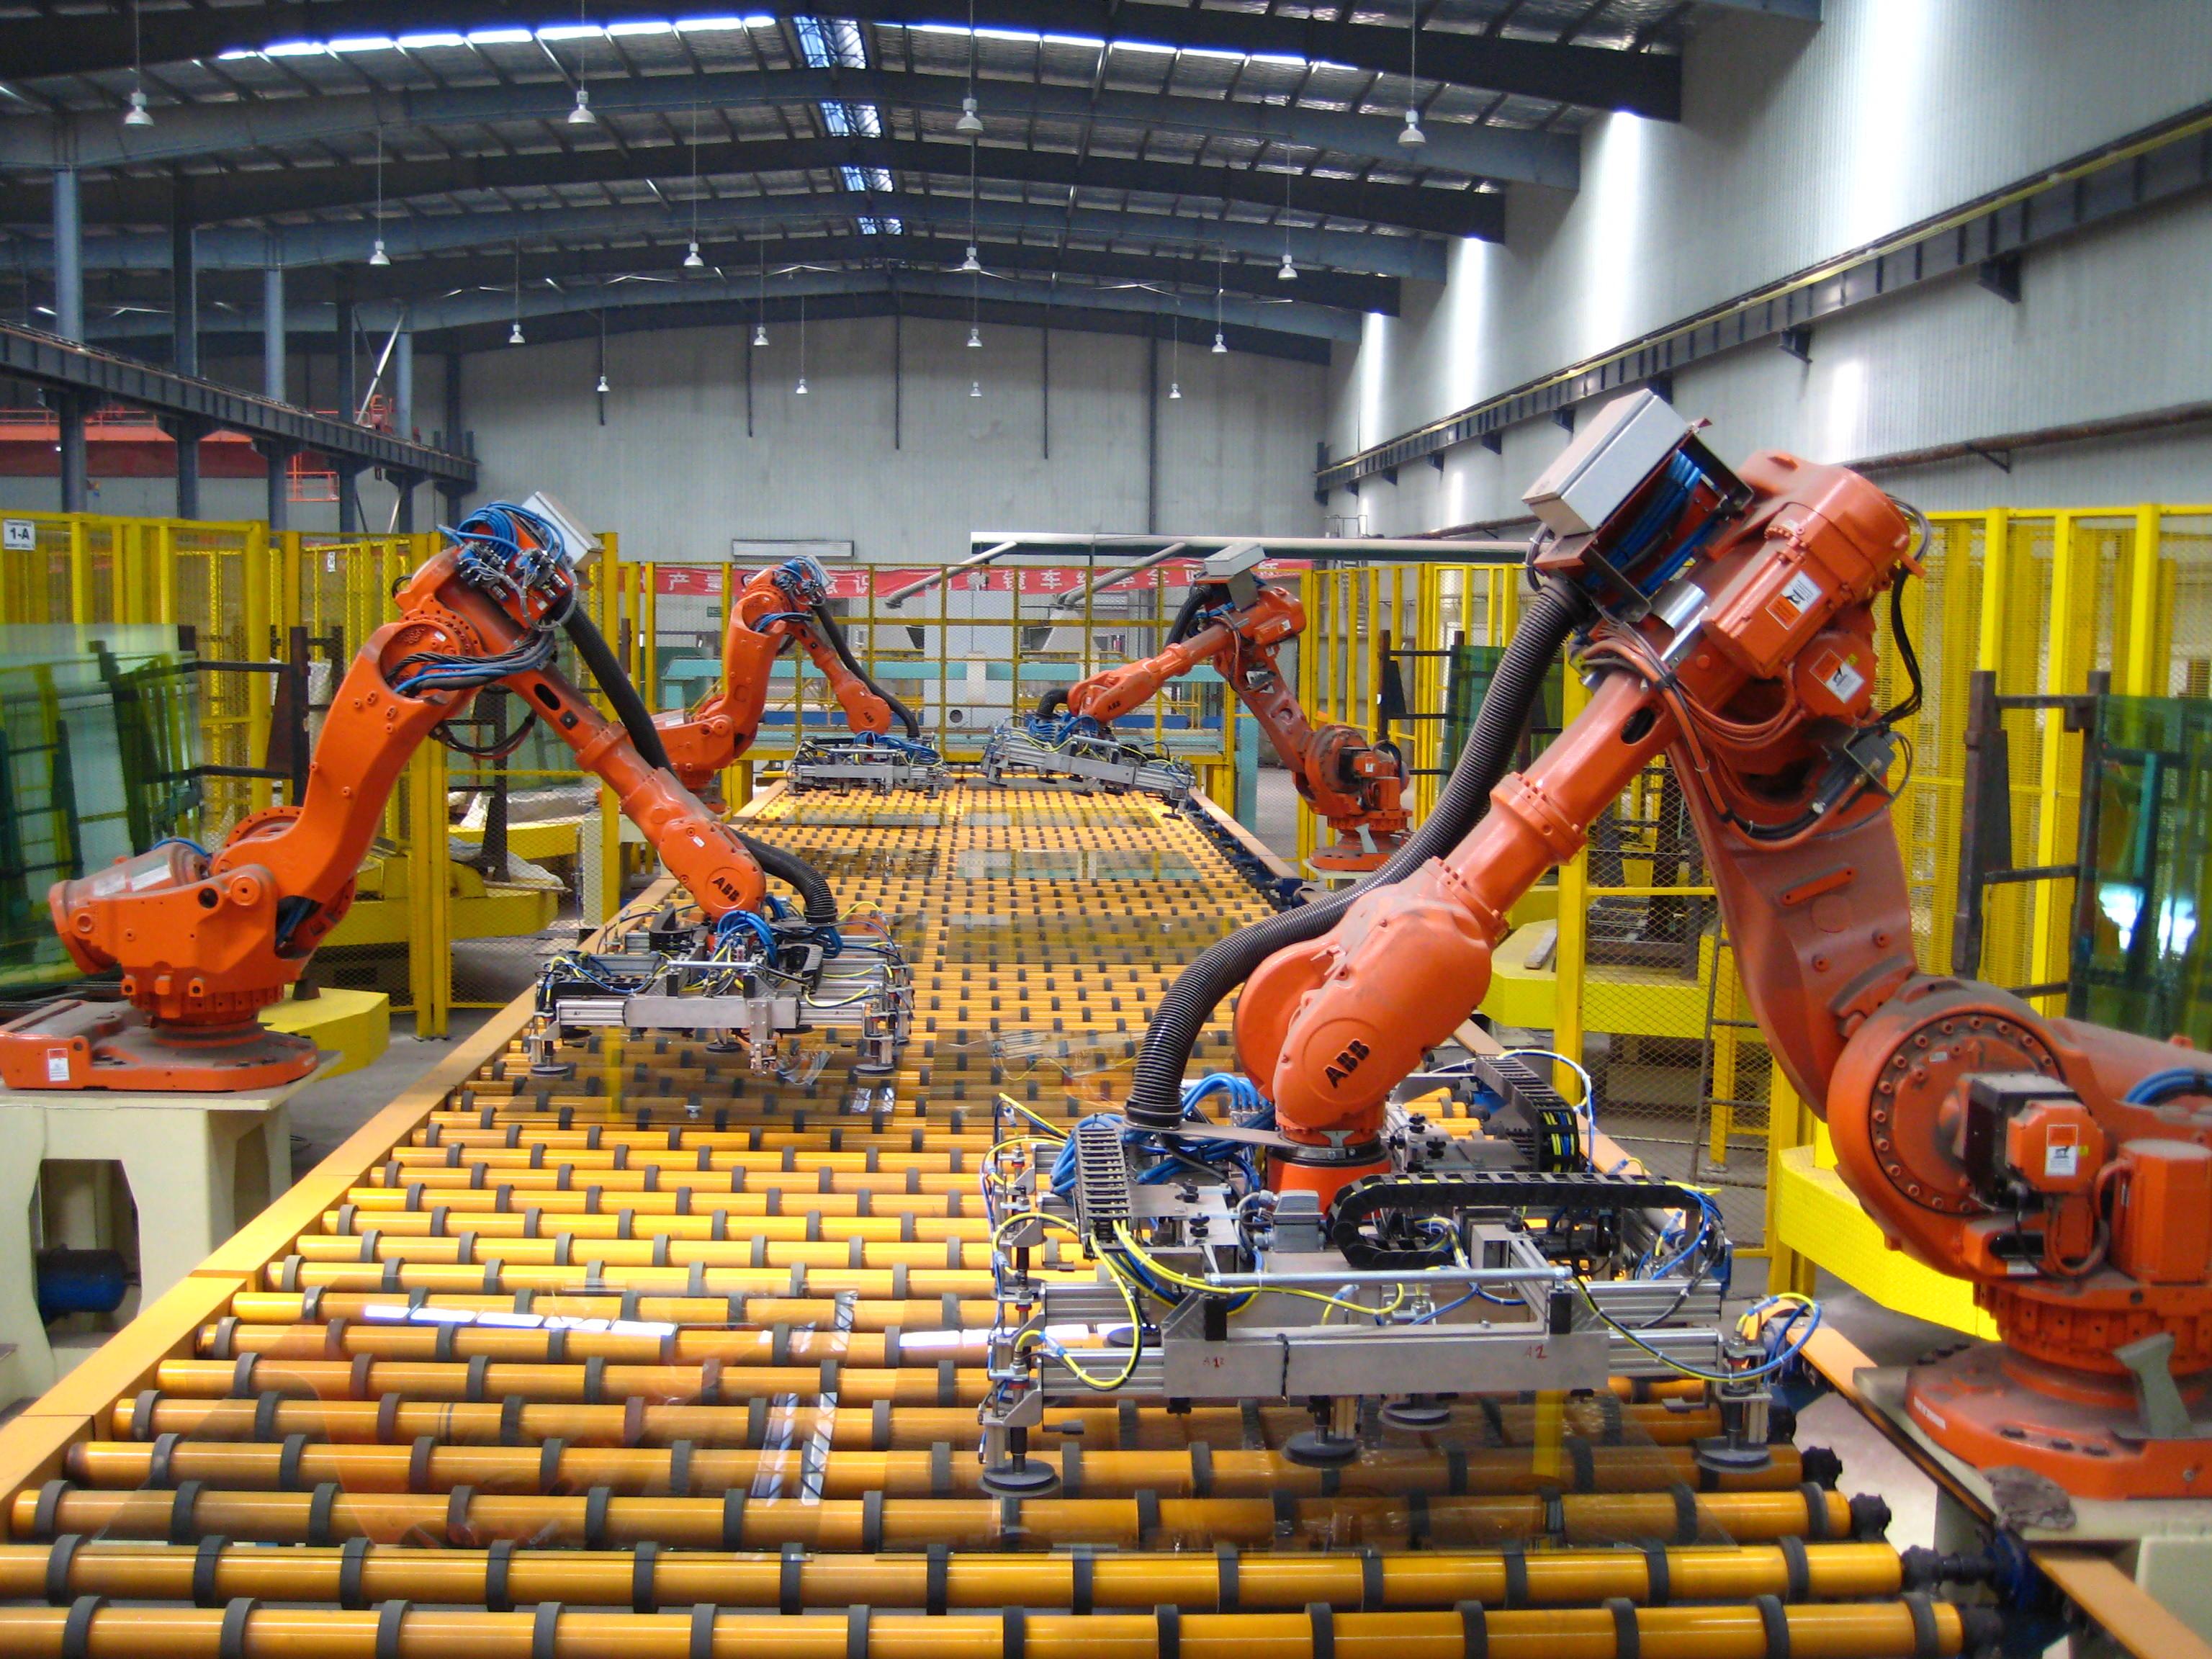 Bildergebnis für industrial robots